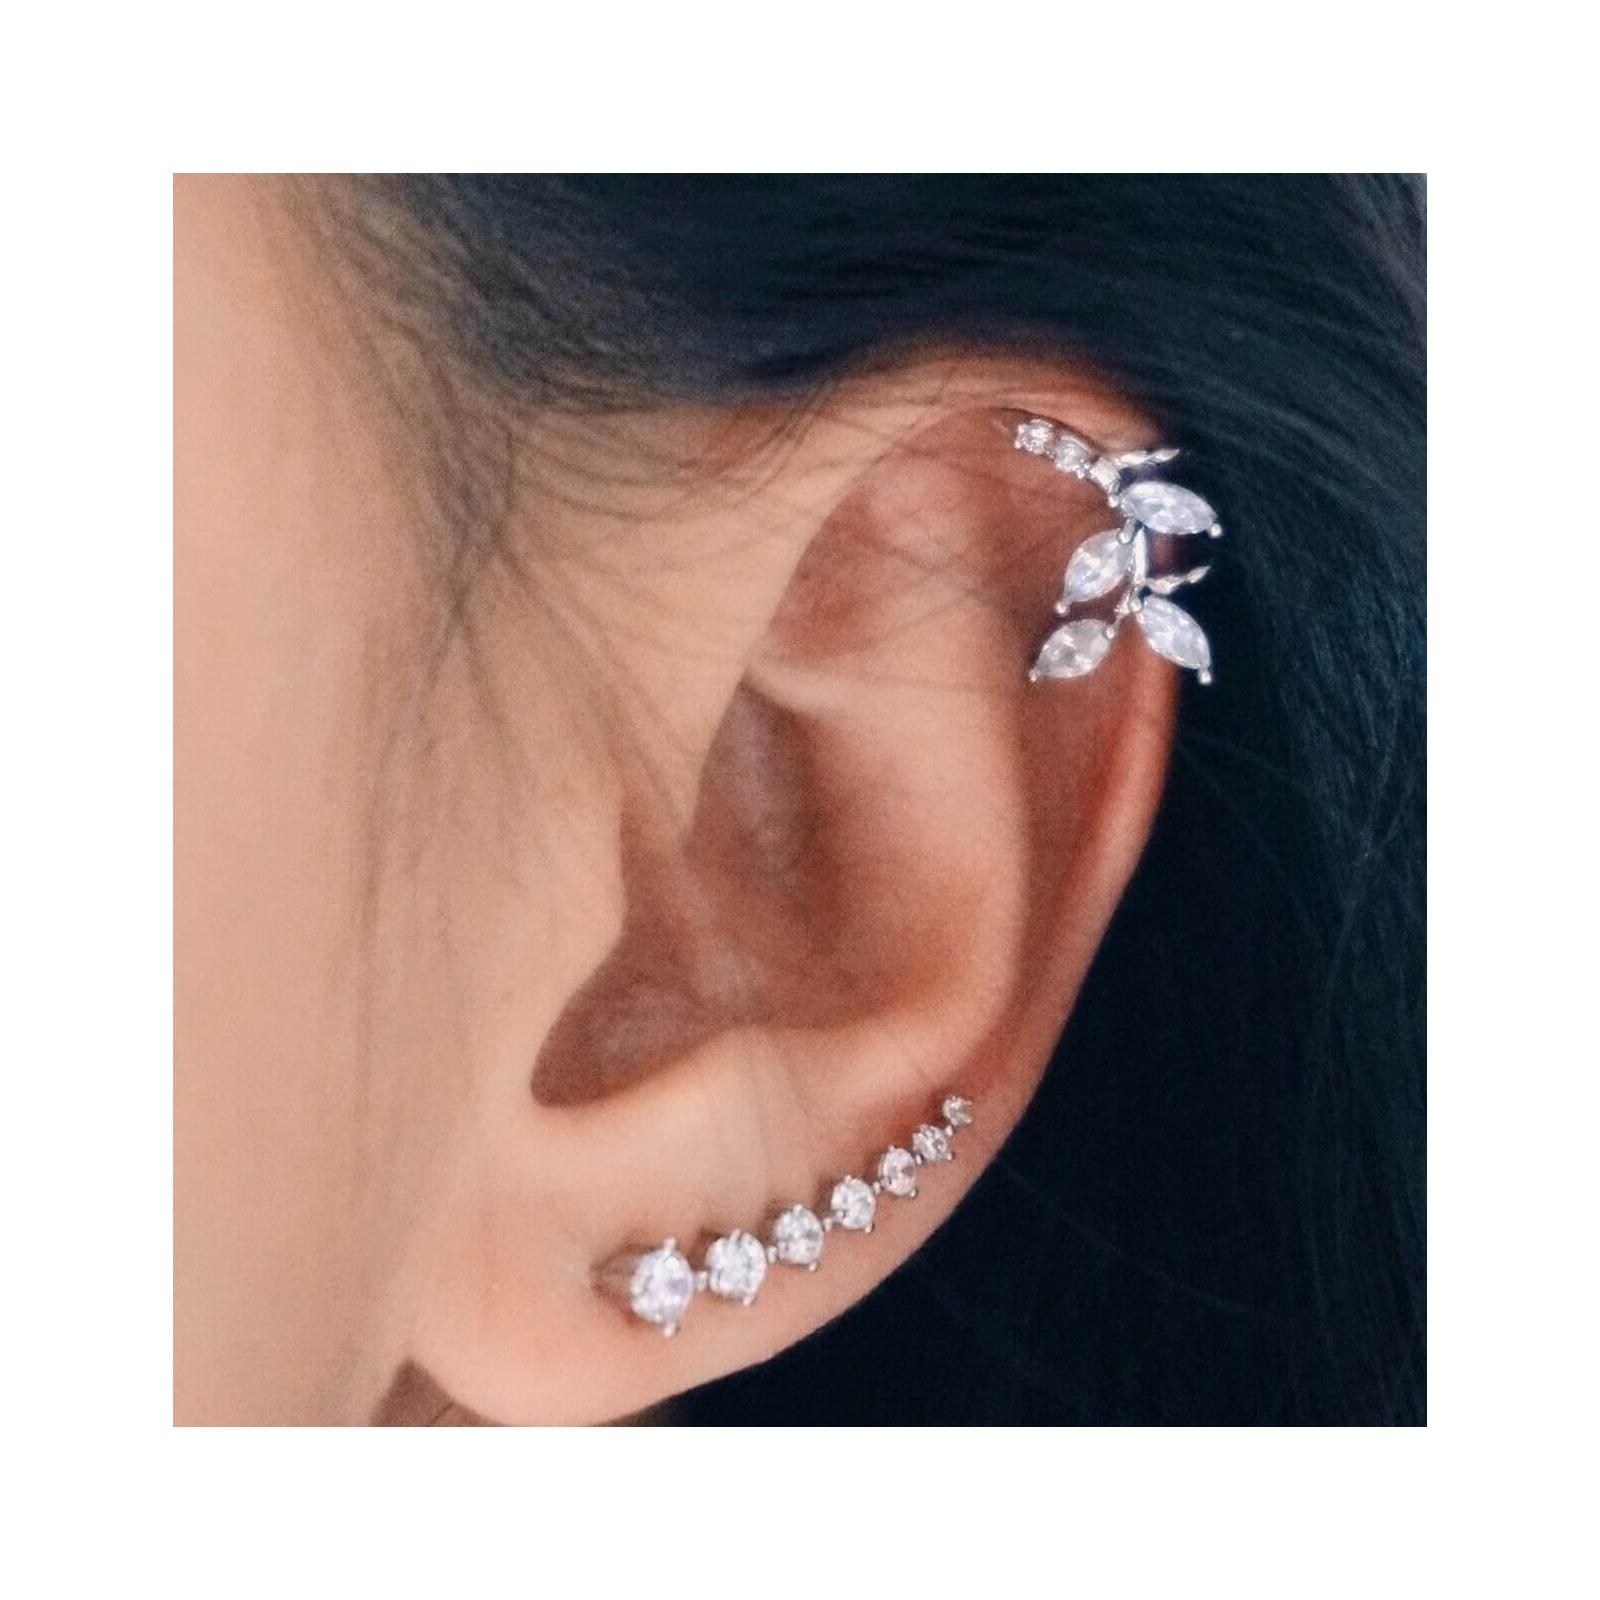 Leaf Ear Cuff 925 Sterling Silver Cartilage Earrings